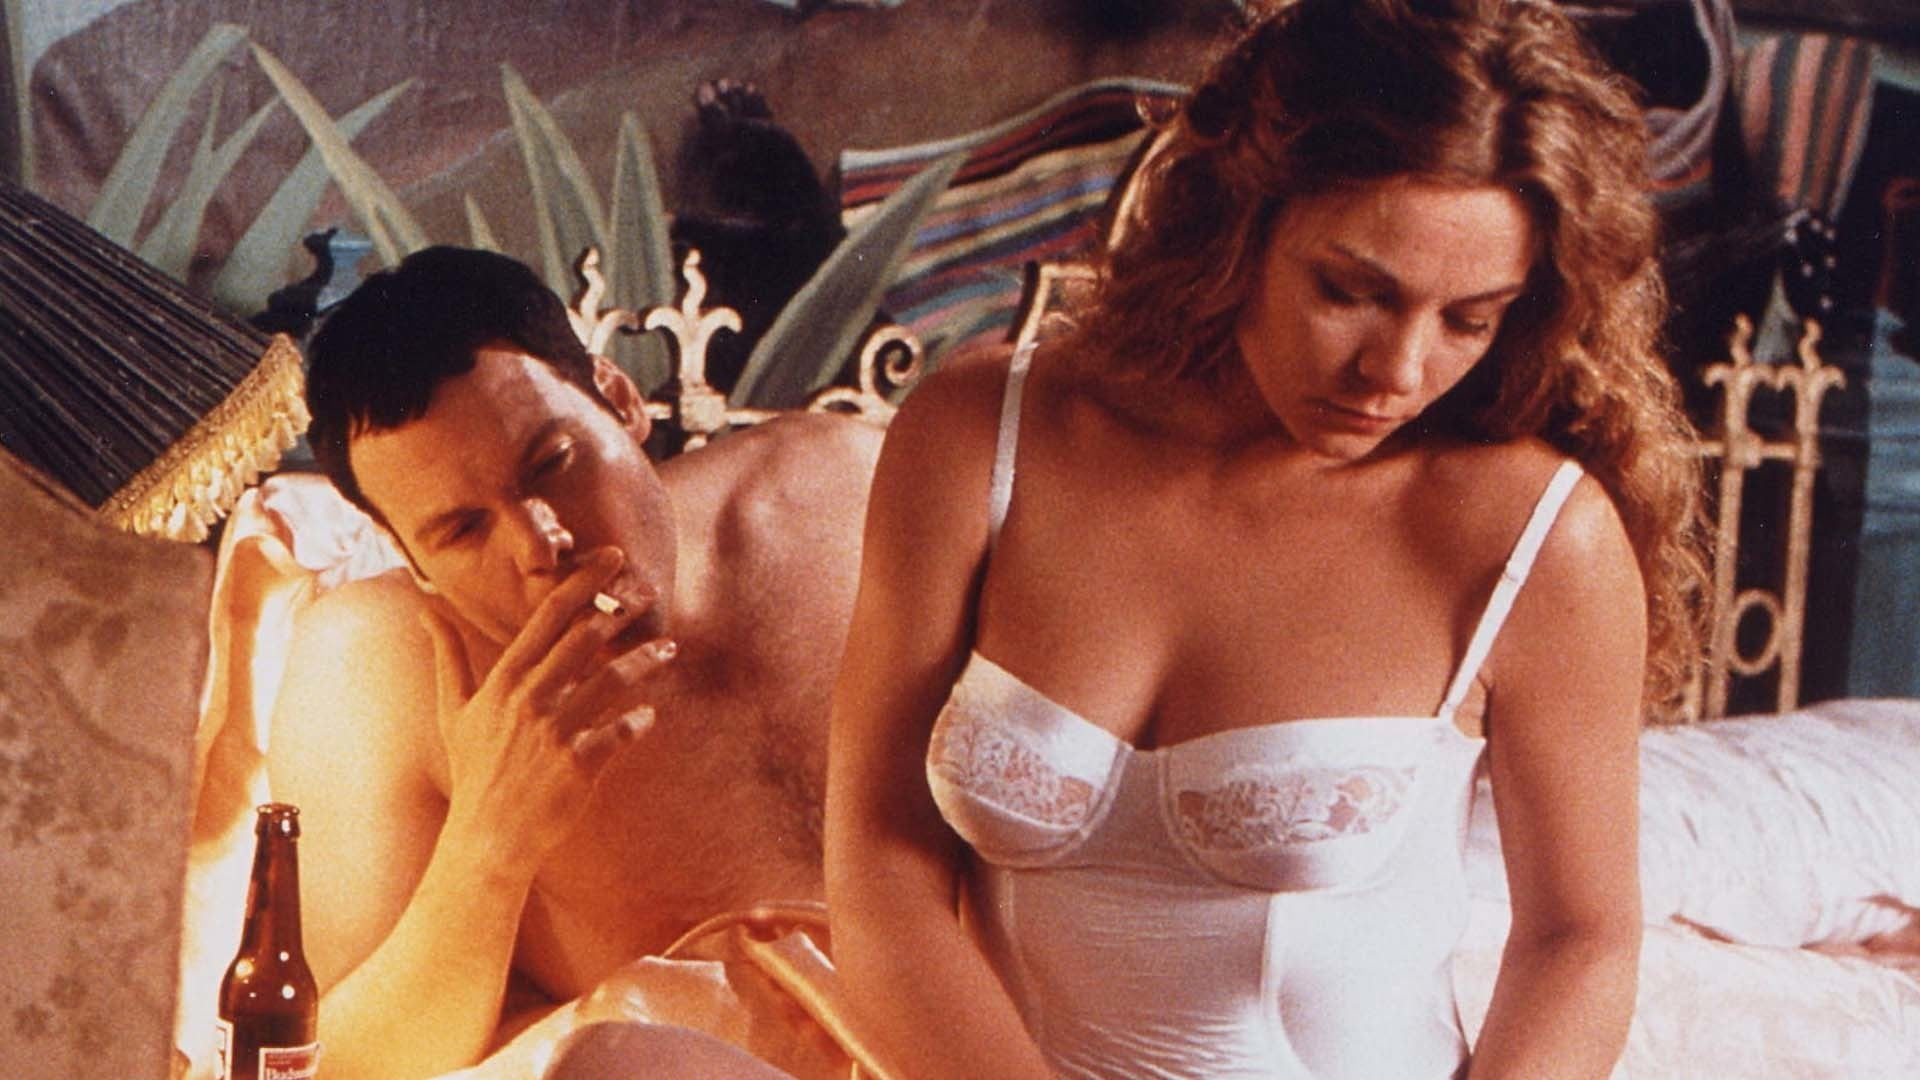 эротический фильм французская женщина можете даже